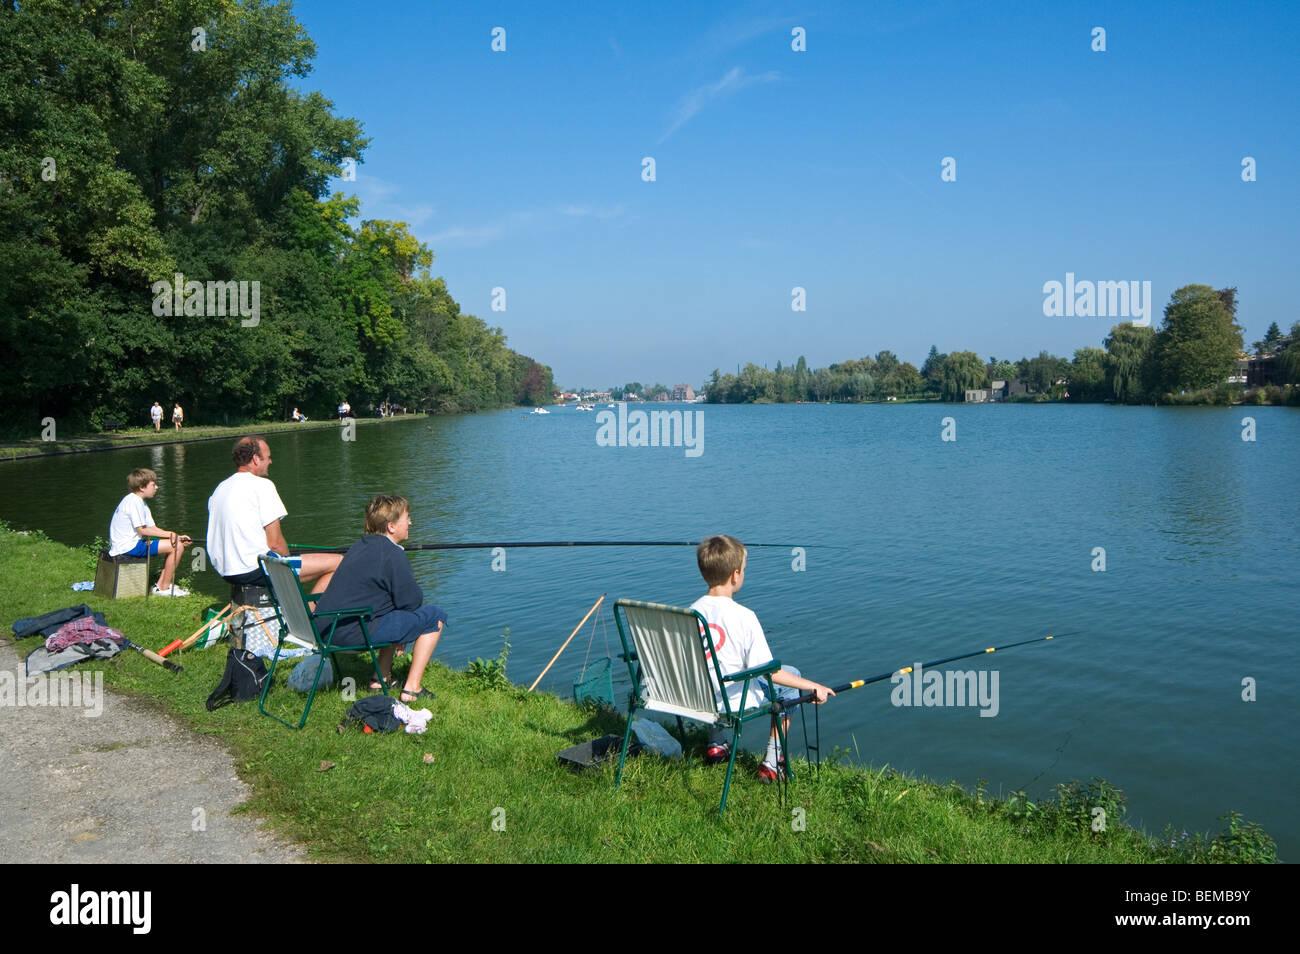 Familia, padre e hijos con cañas de pesca pesca deportiva en el lago Donkmeer, Flandes Oriental, Bélgica Imagen De Stock